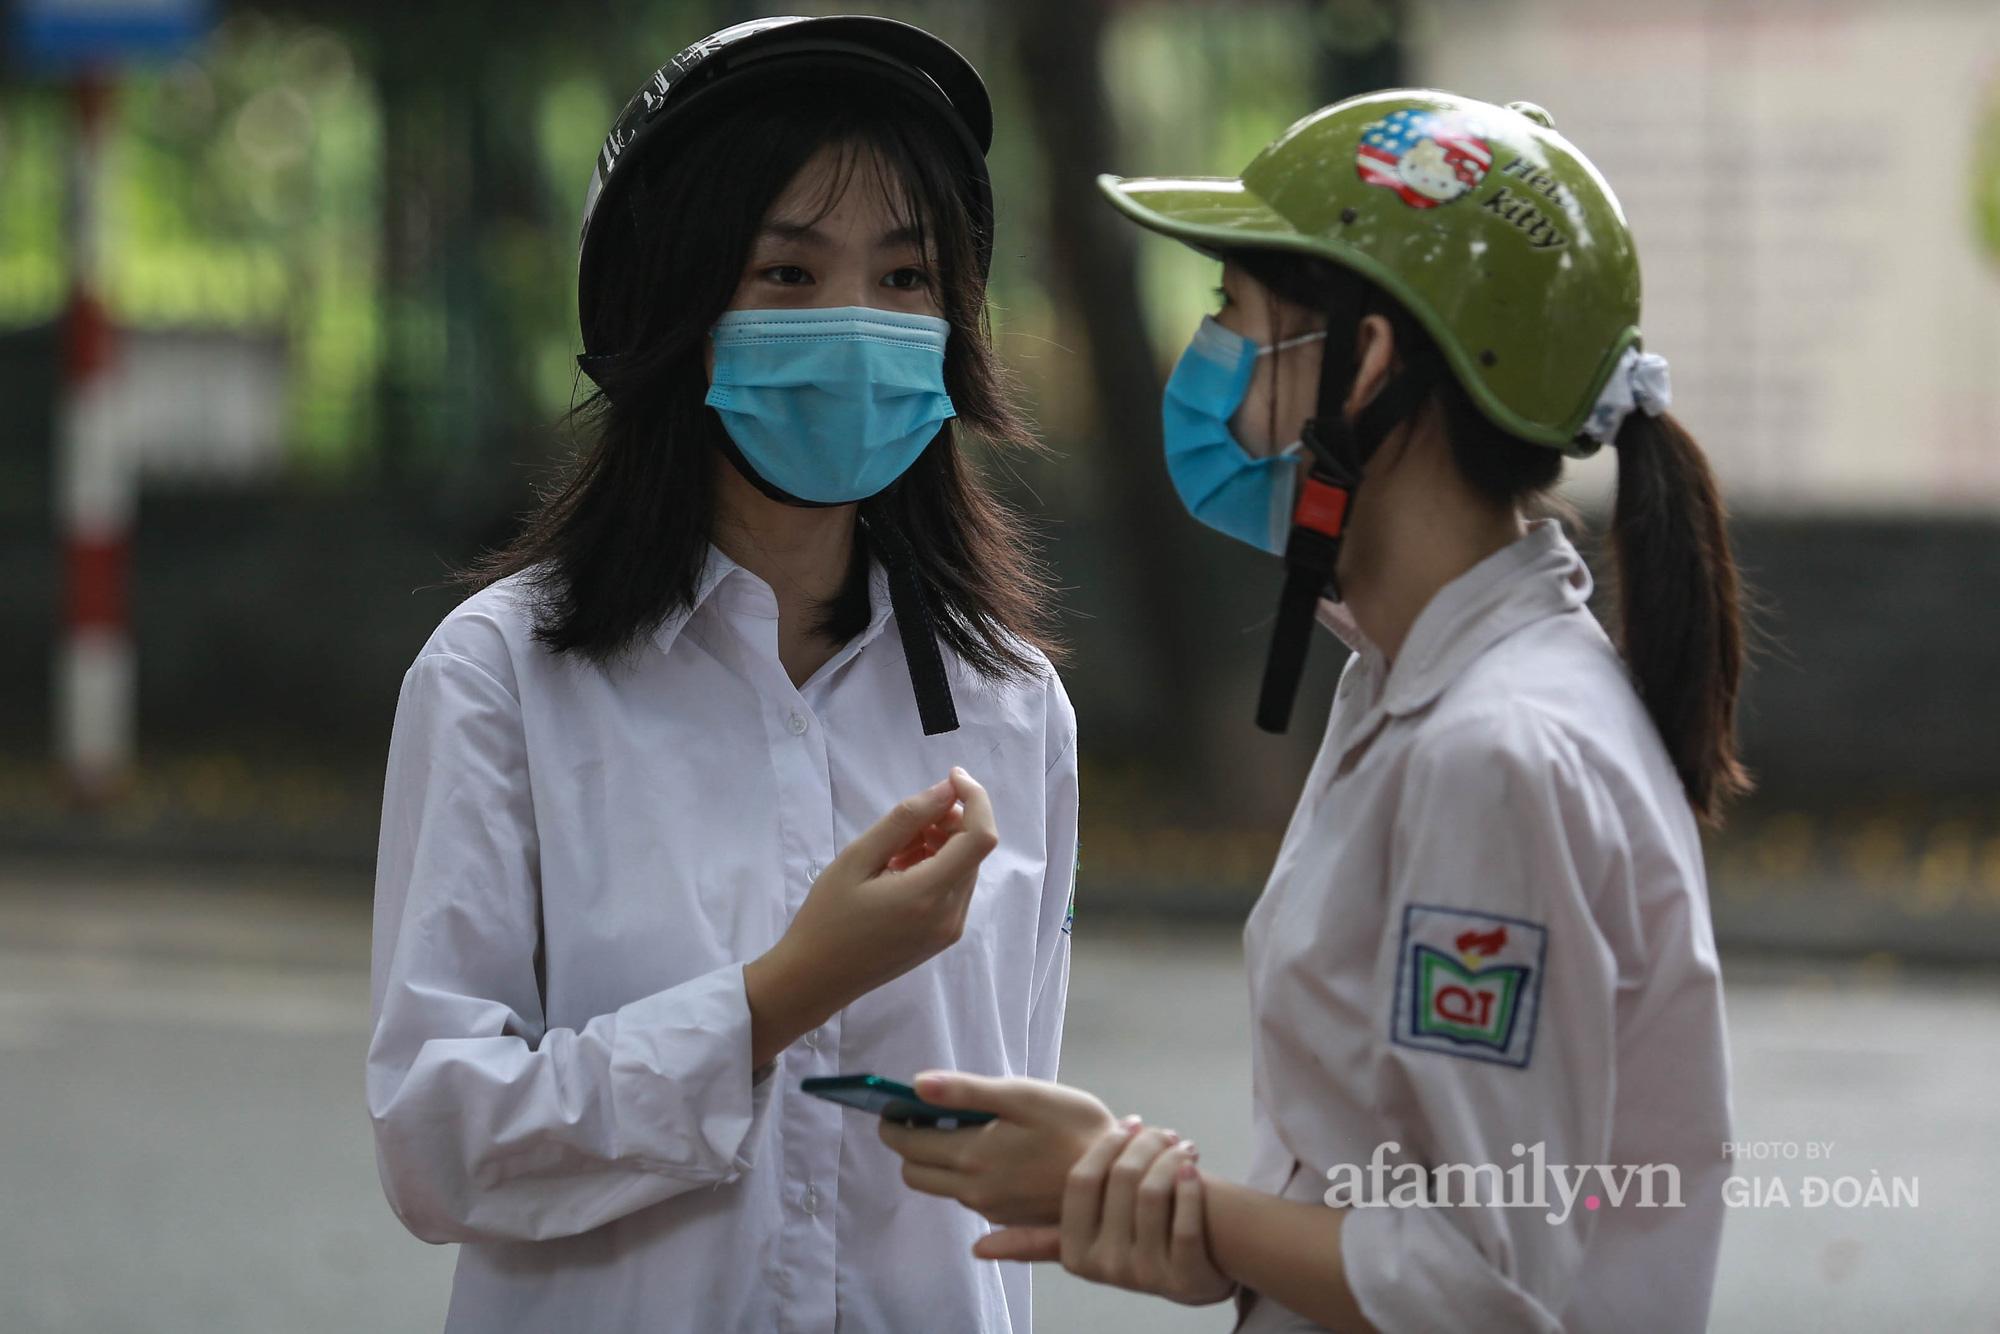 Lo lắng đến mất ăn, mất ngủ, nữ sinh Hà Nội chạy xe máy hơn 30km tới Văn Miếu cầu may cho em trai trước ngày thi vào lớp 10 - Ảnh 3.